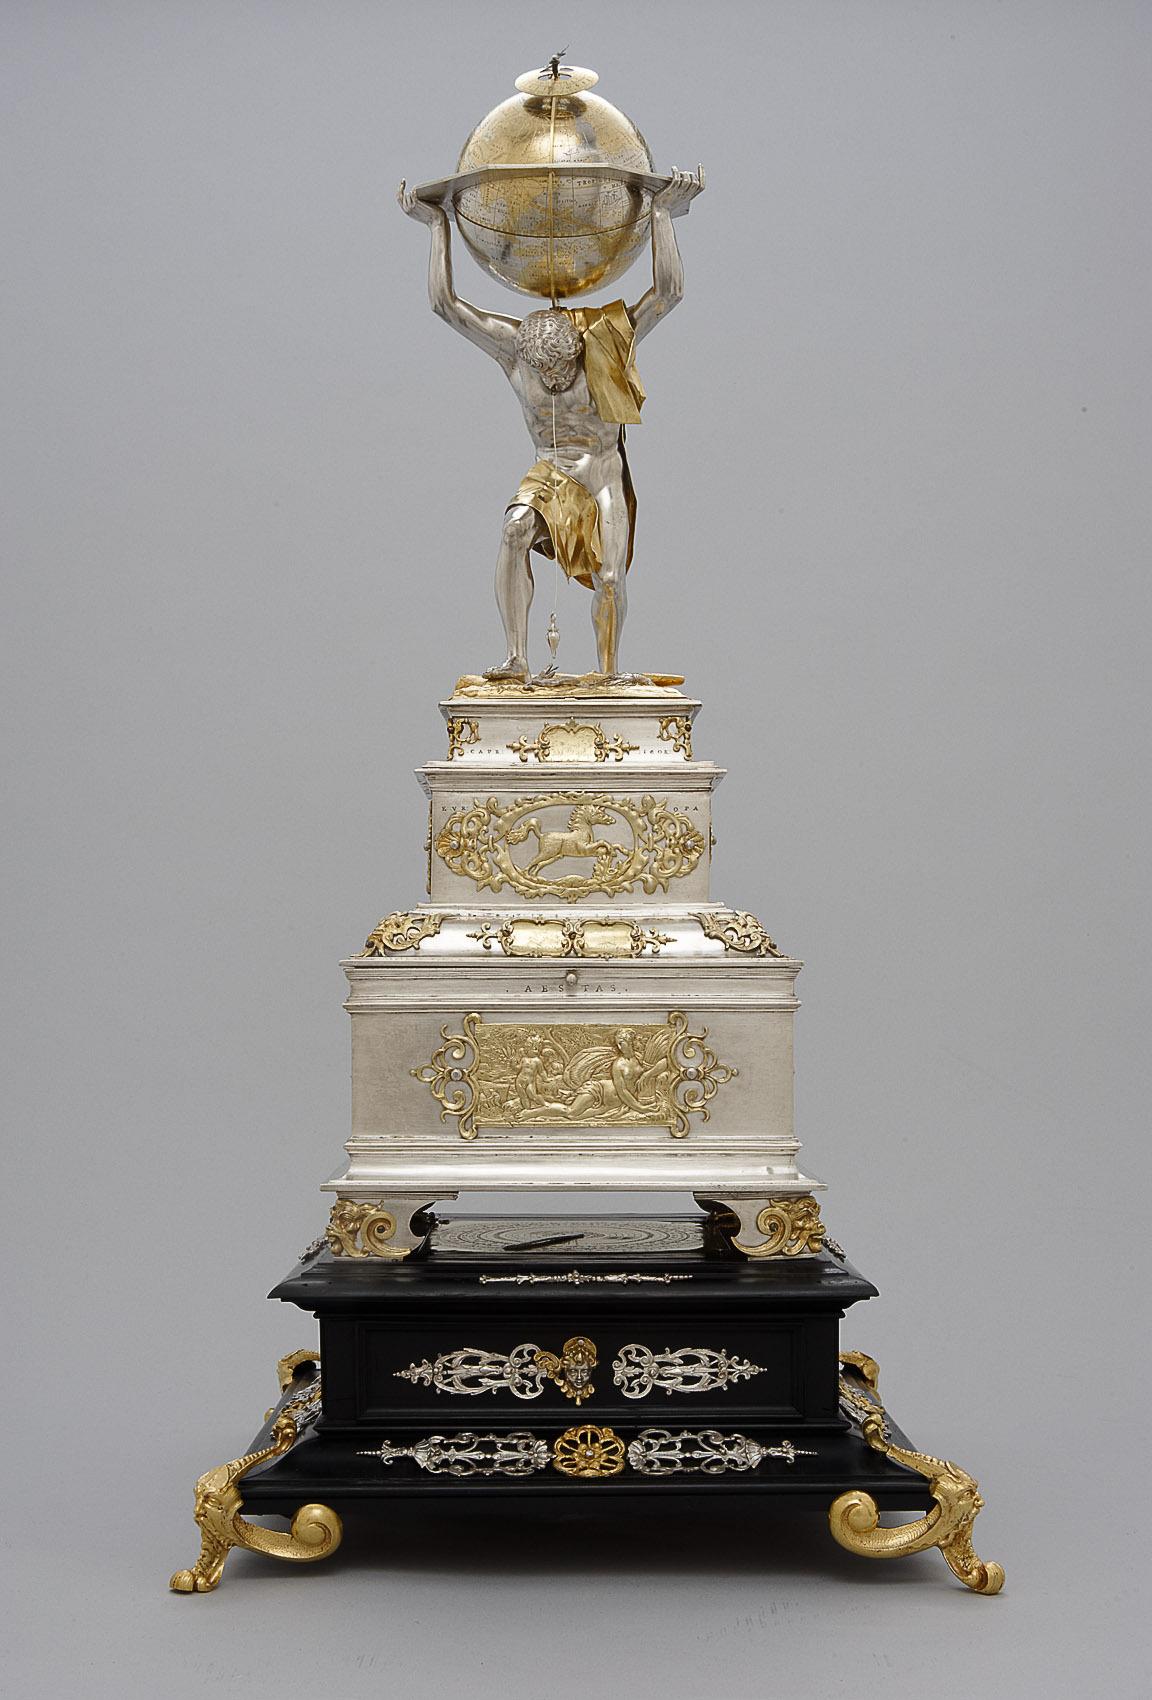 Kästchen mit wissenschaftlichem Besteck Kaiser Ferdinands III. von Johann Melchior Volckmair